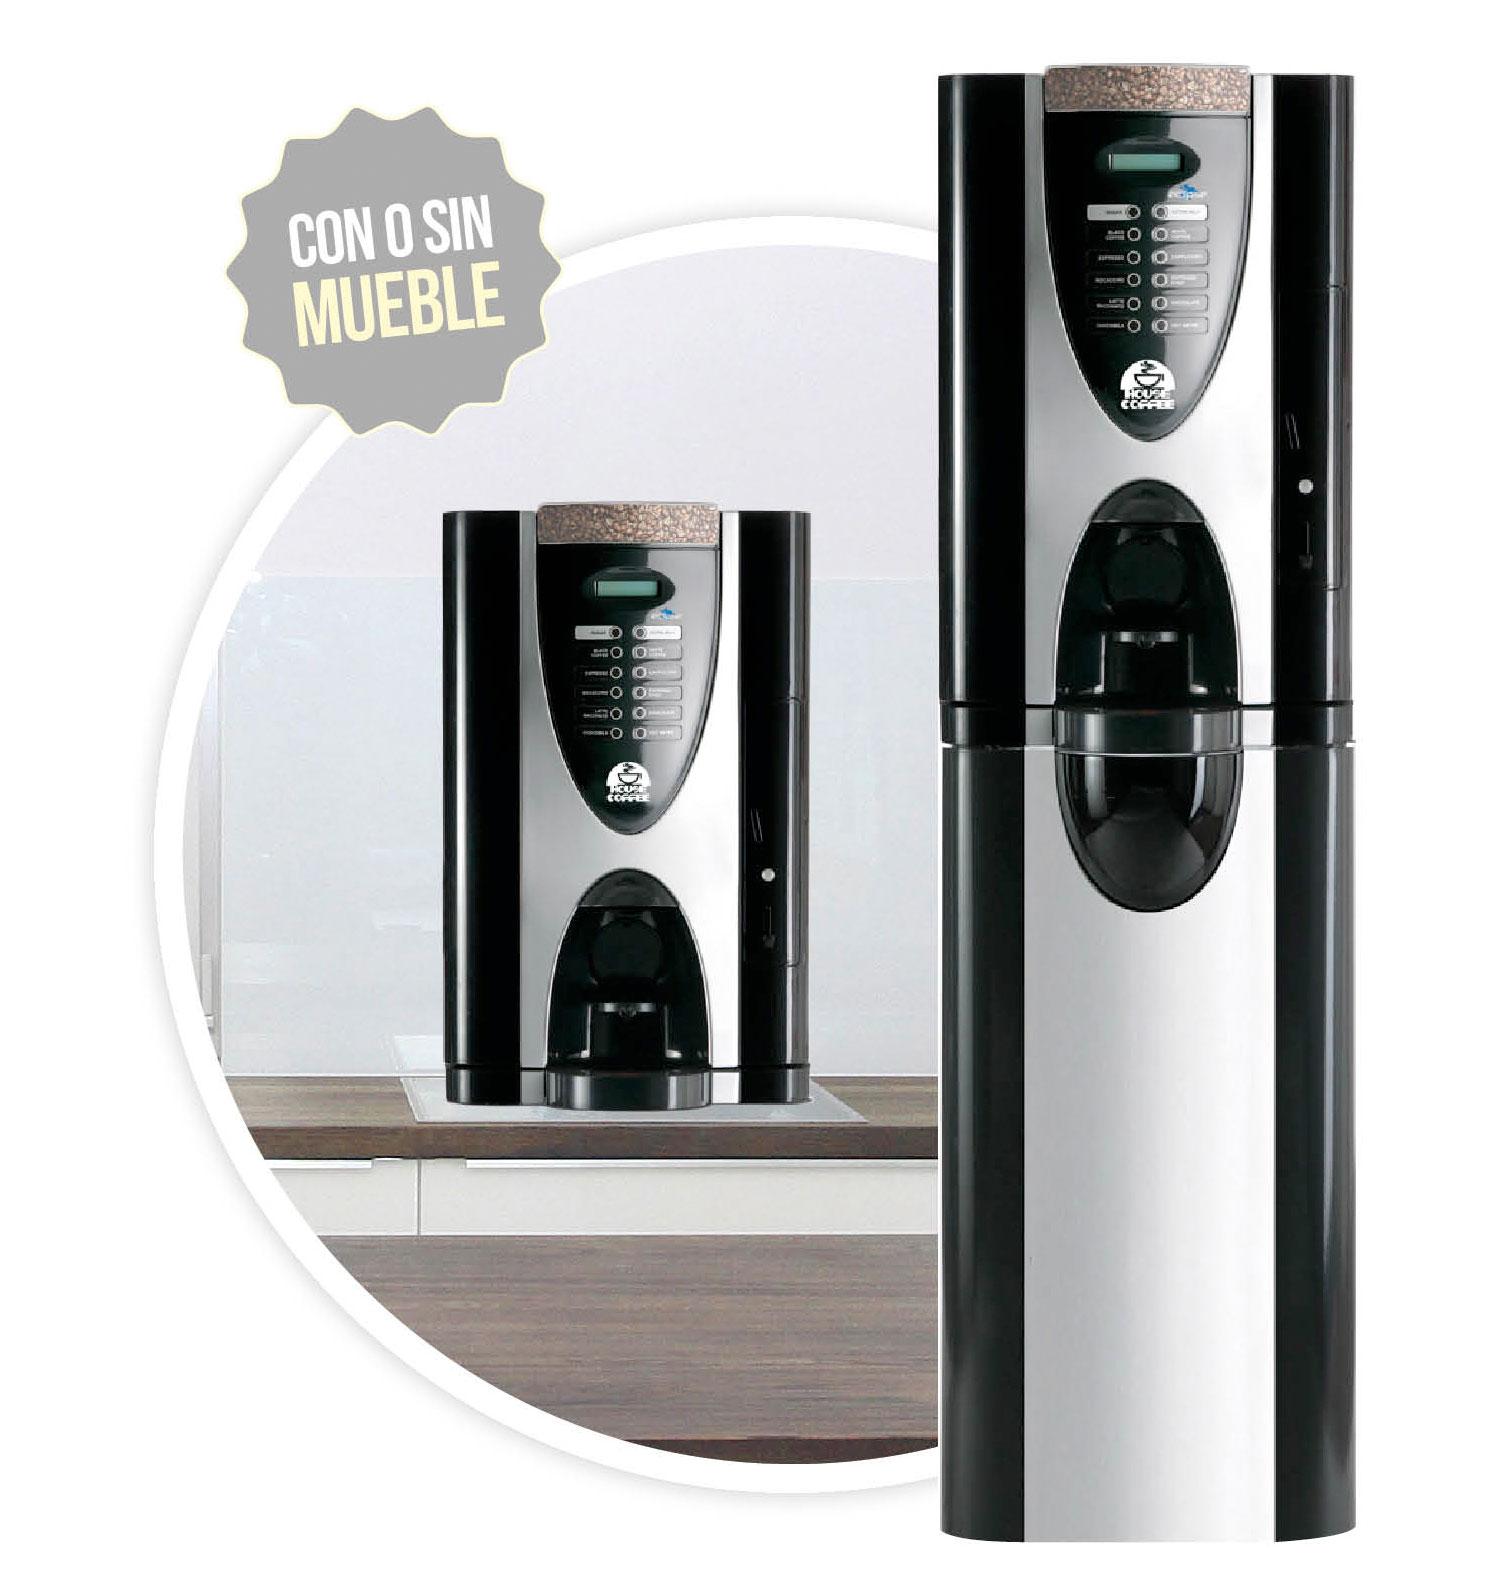 Imagen de la cafetera Eclipse. Maquinas de cafe para empresas.